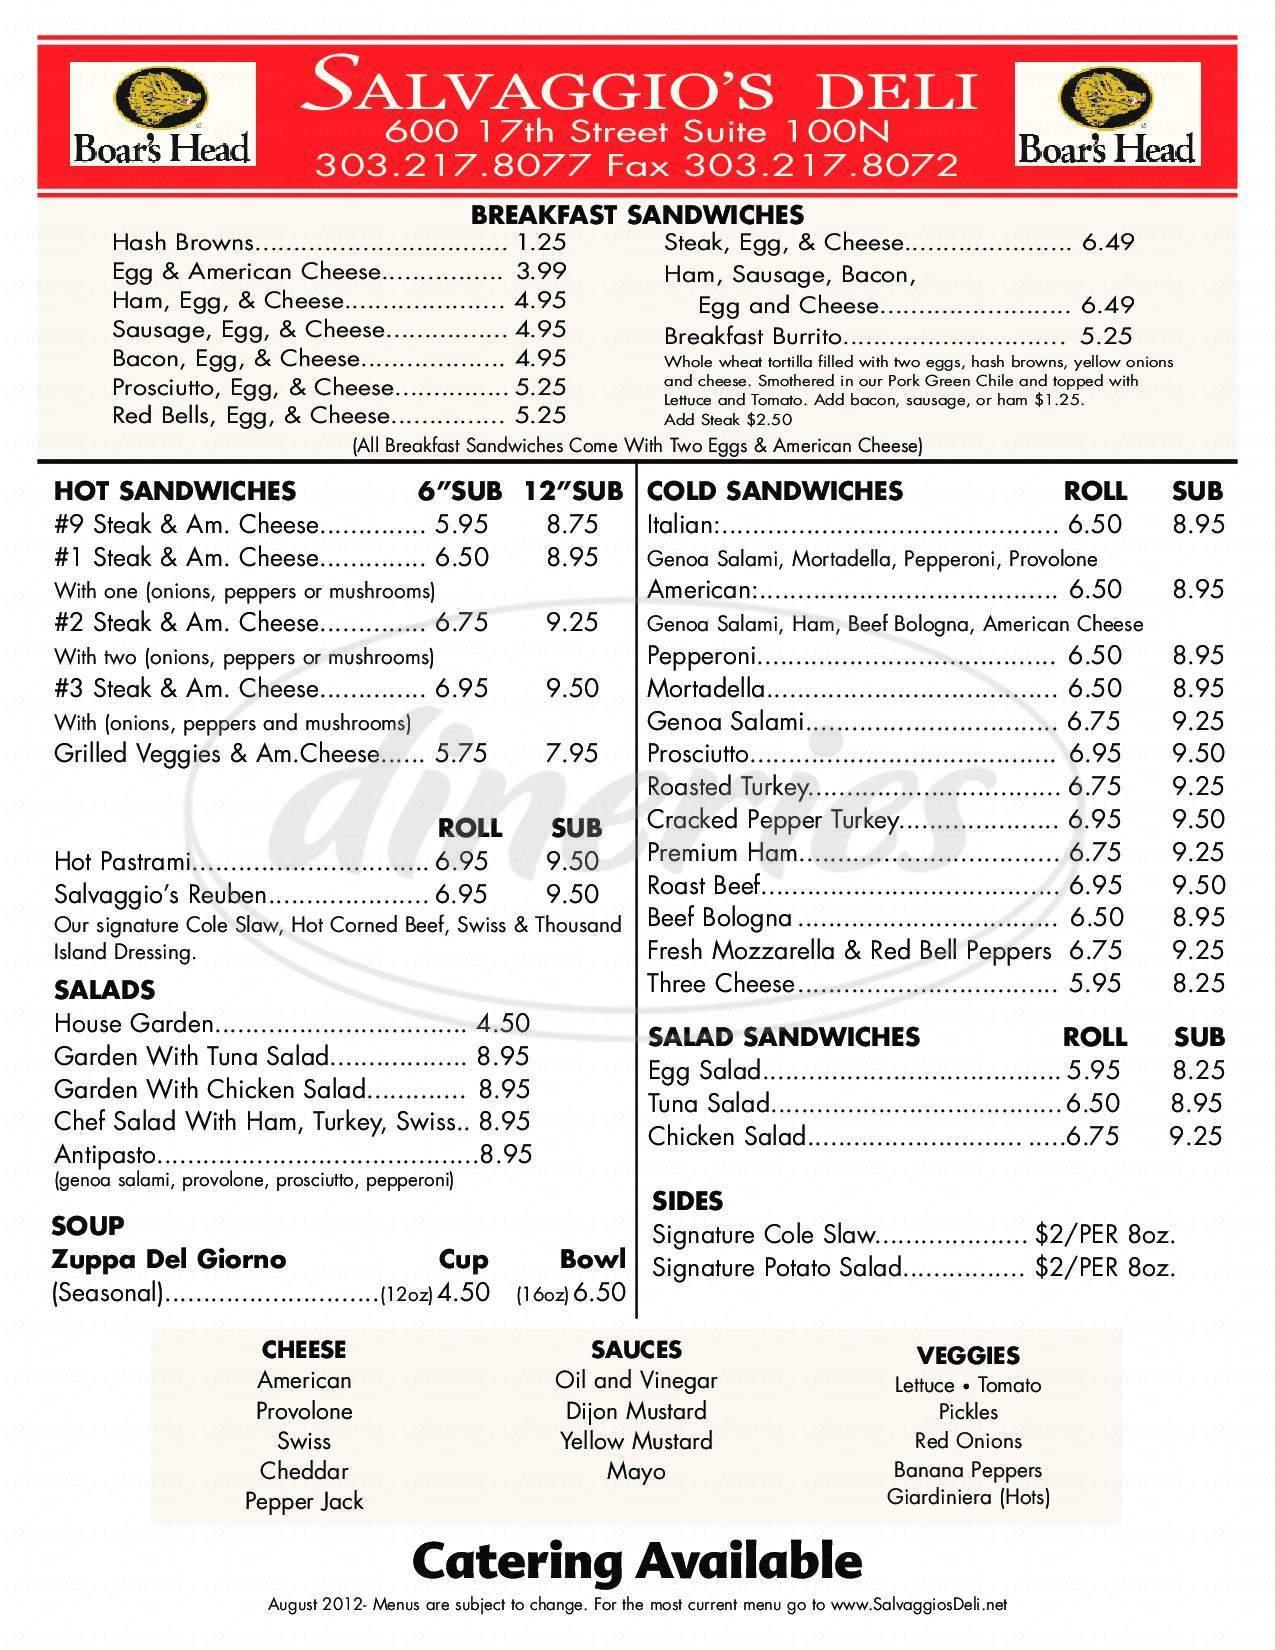 menu for Salvaggio's Deli